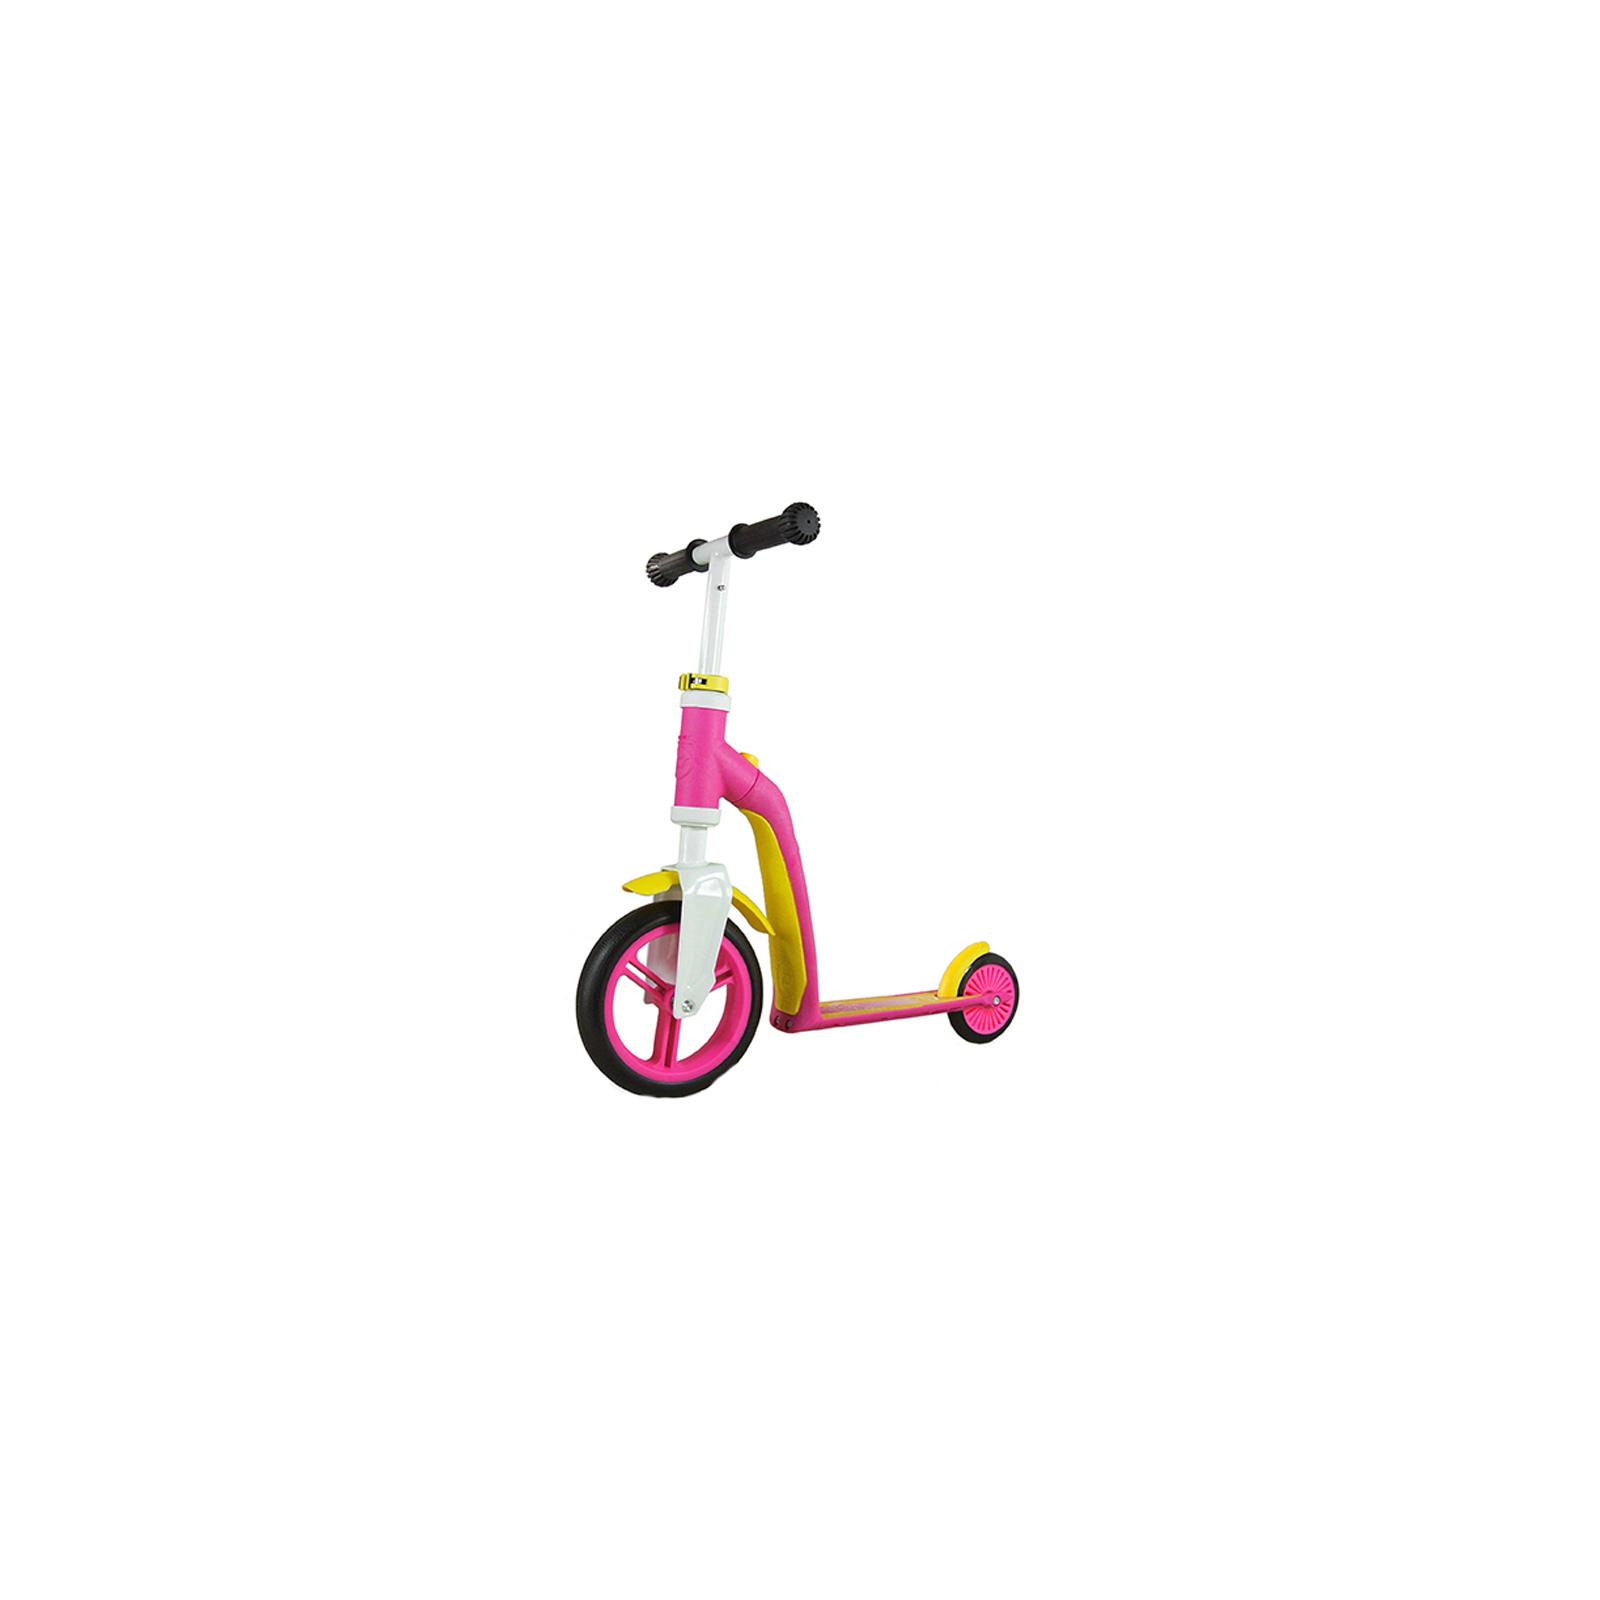 Скутер Scoot&Ride Highwaybaby розово-желтый (SR-216271-PINK-YELLOW) изображение 5